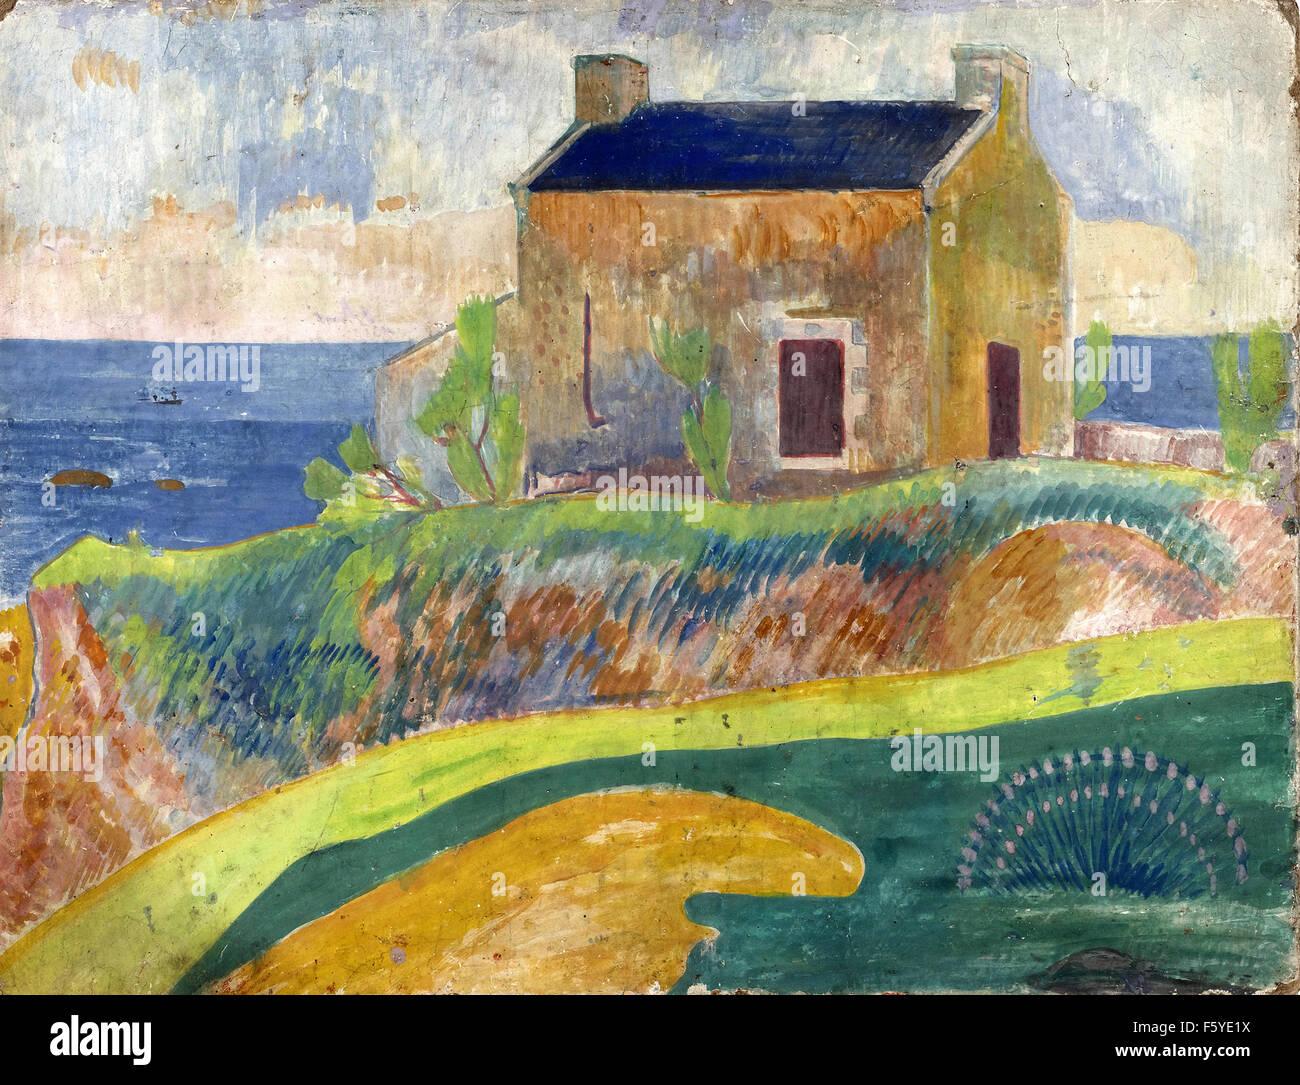 Paul Gauguin - La Maison du Pendu - Stock Image